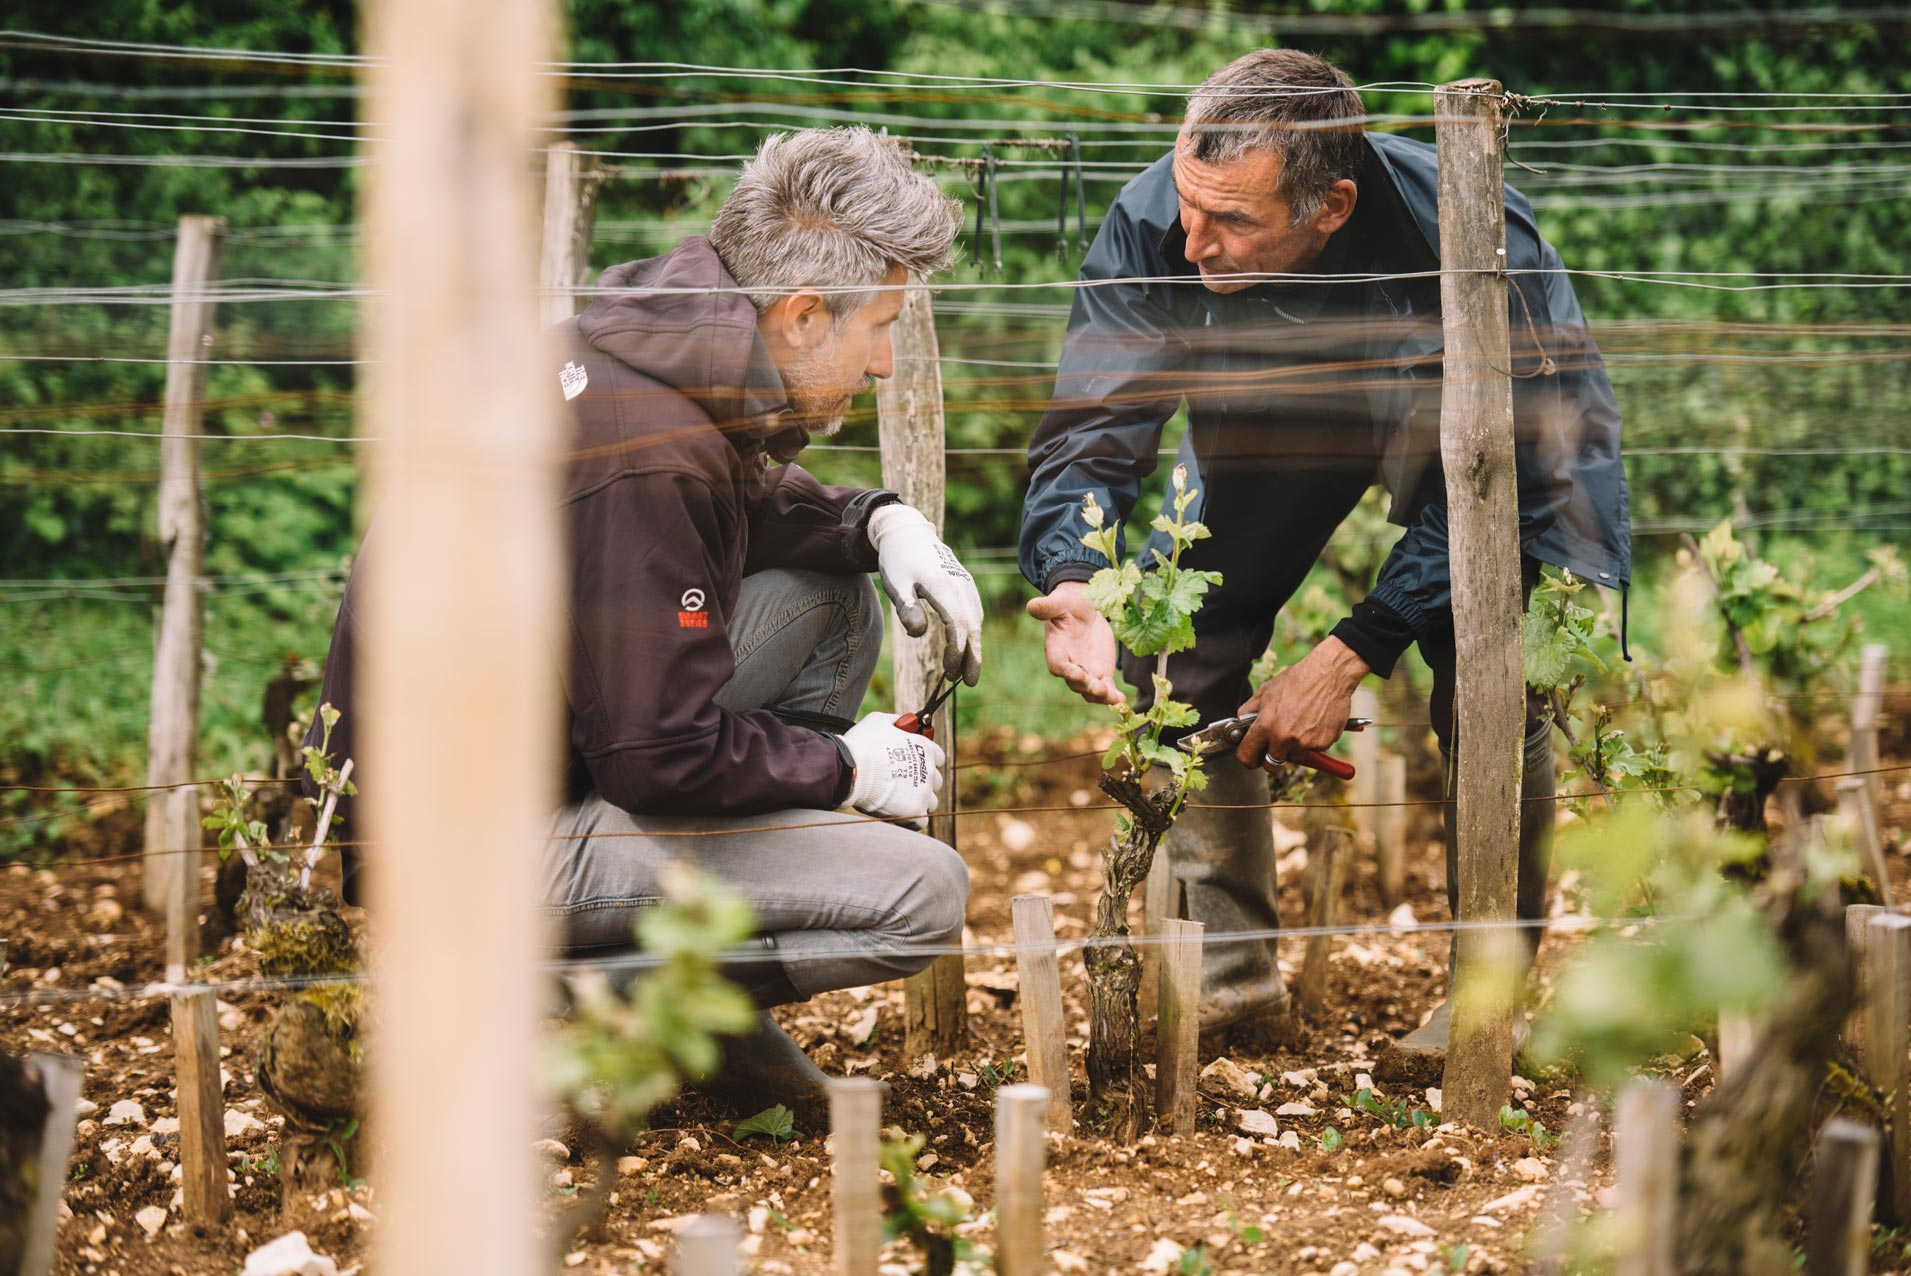 Pratique de taille en vert | Domaine Leroy | Chambertin | Bourgogne